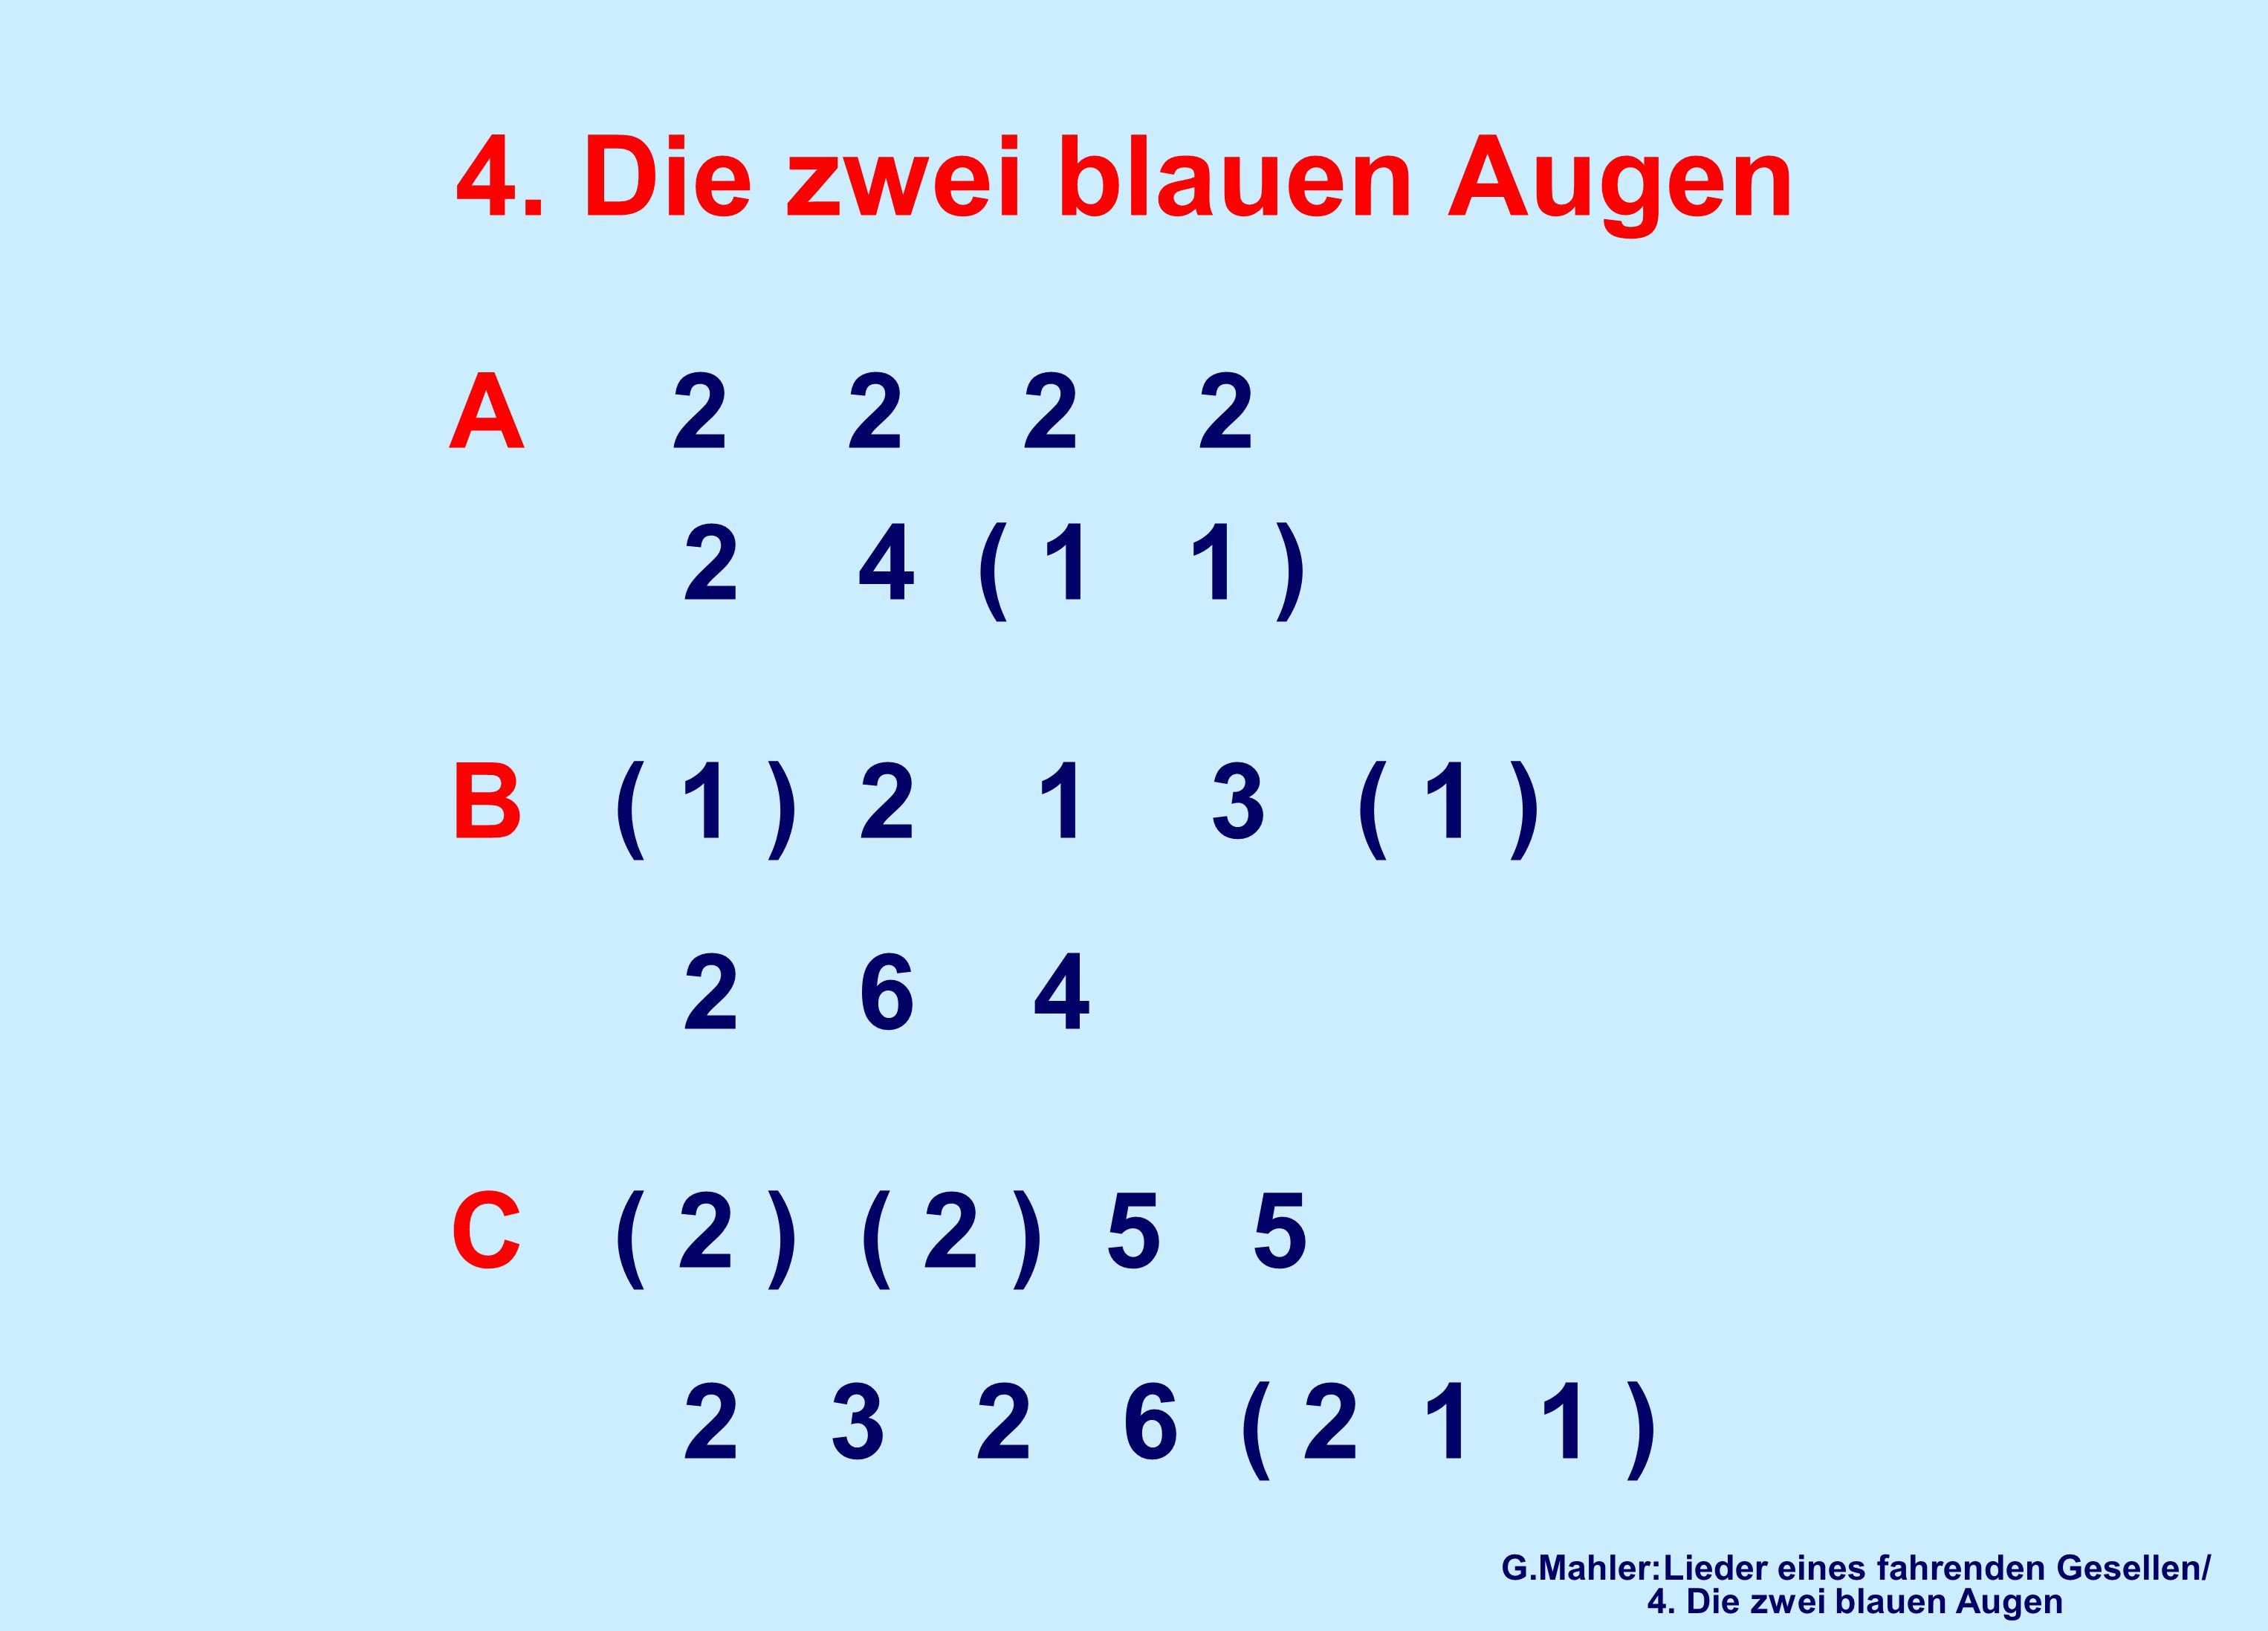 G.Mahler:Lieder eines fahrenden Gesellen/ 4. Die zwei blauen Augen